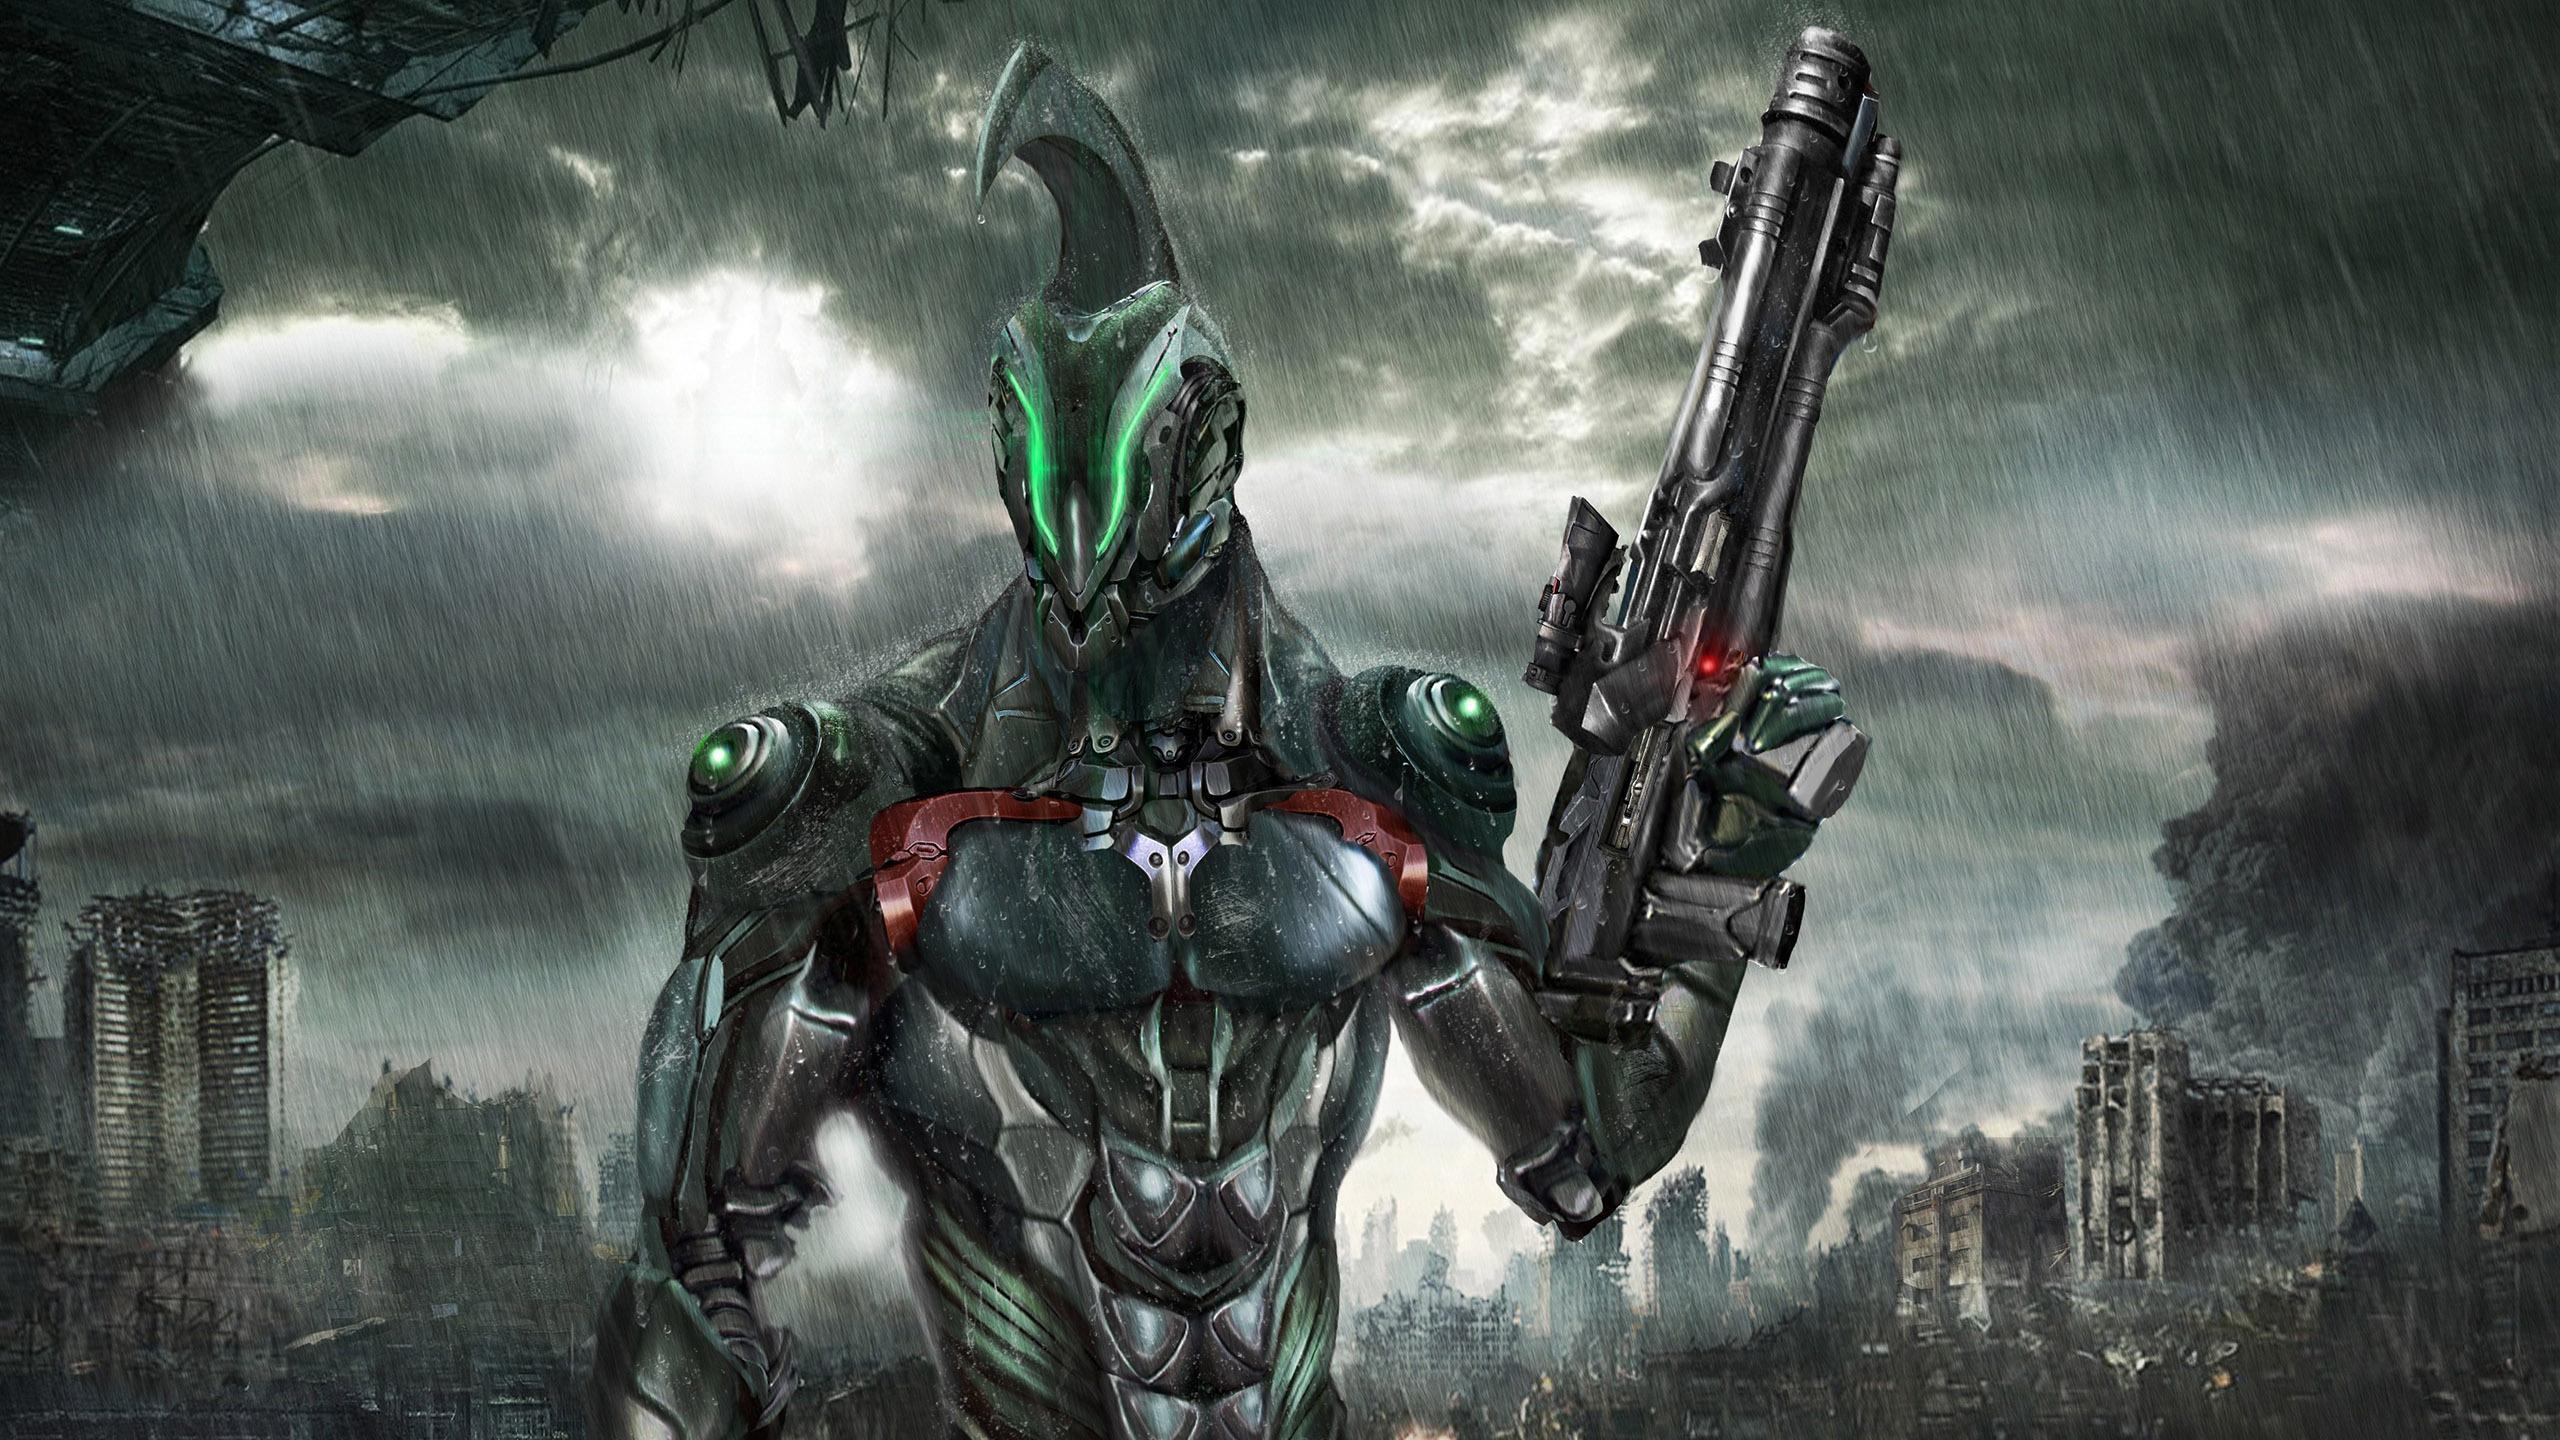 Robot Warrior Wallpapers Top Free Robot Warrior Backgrounds